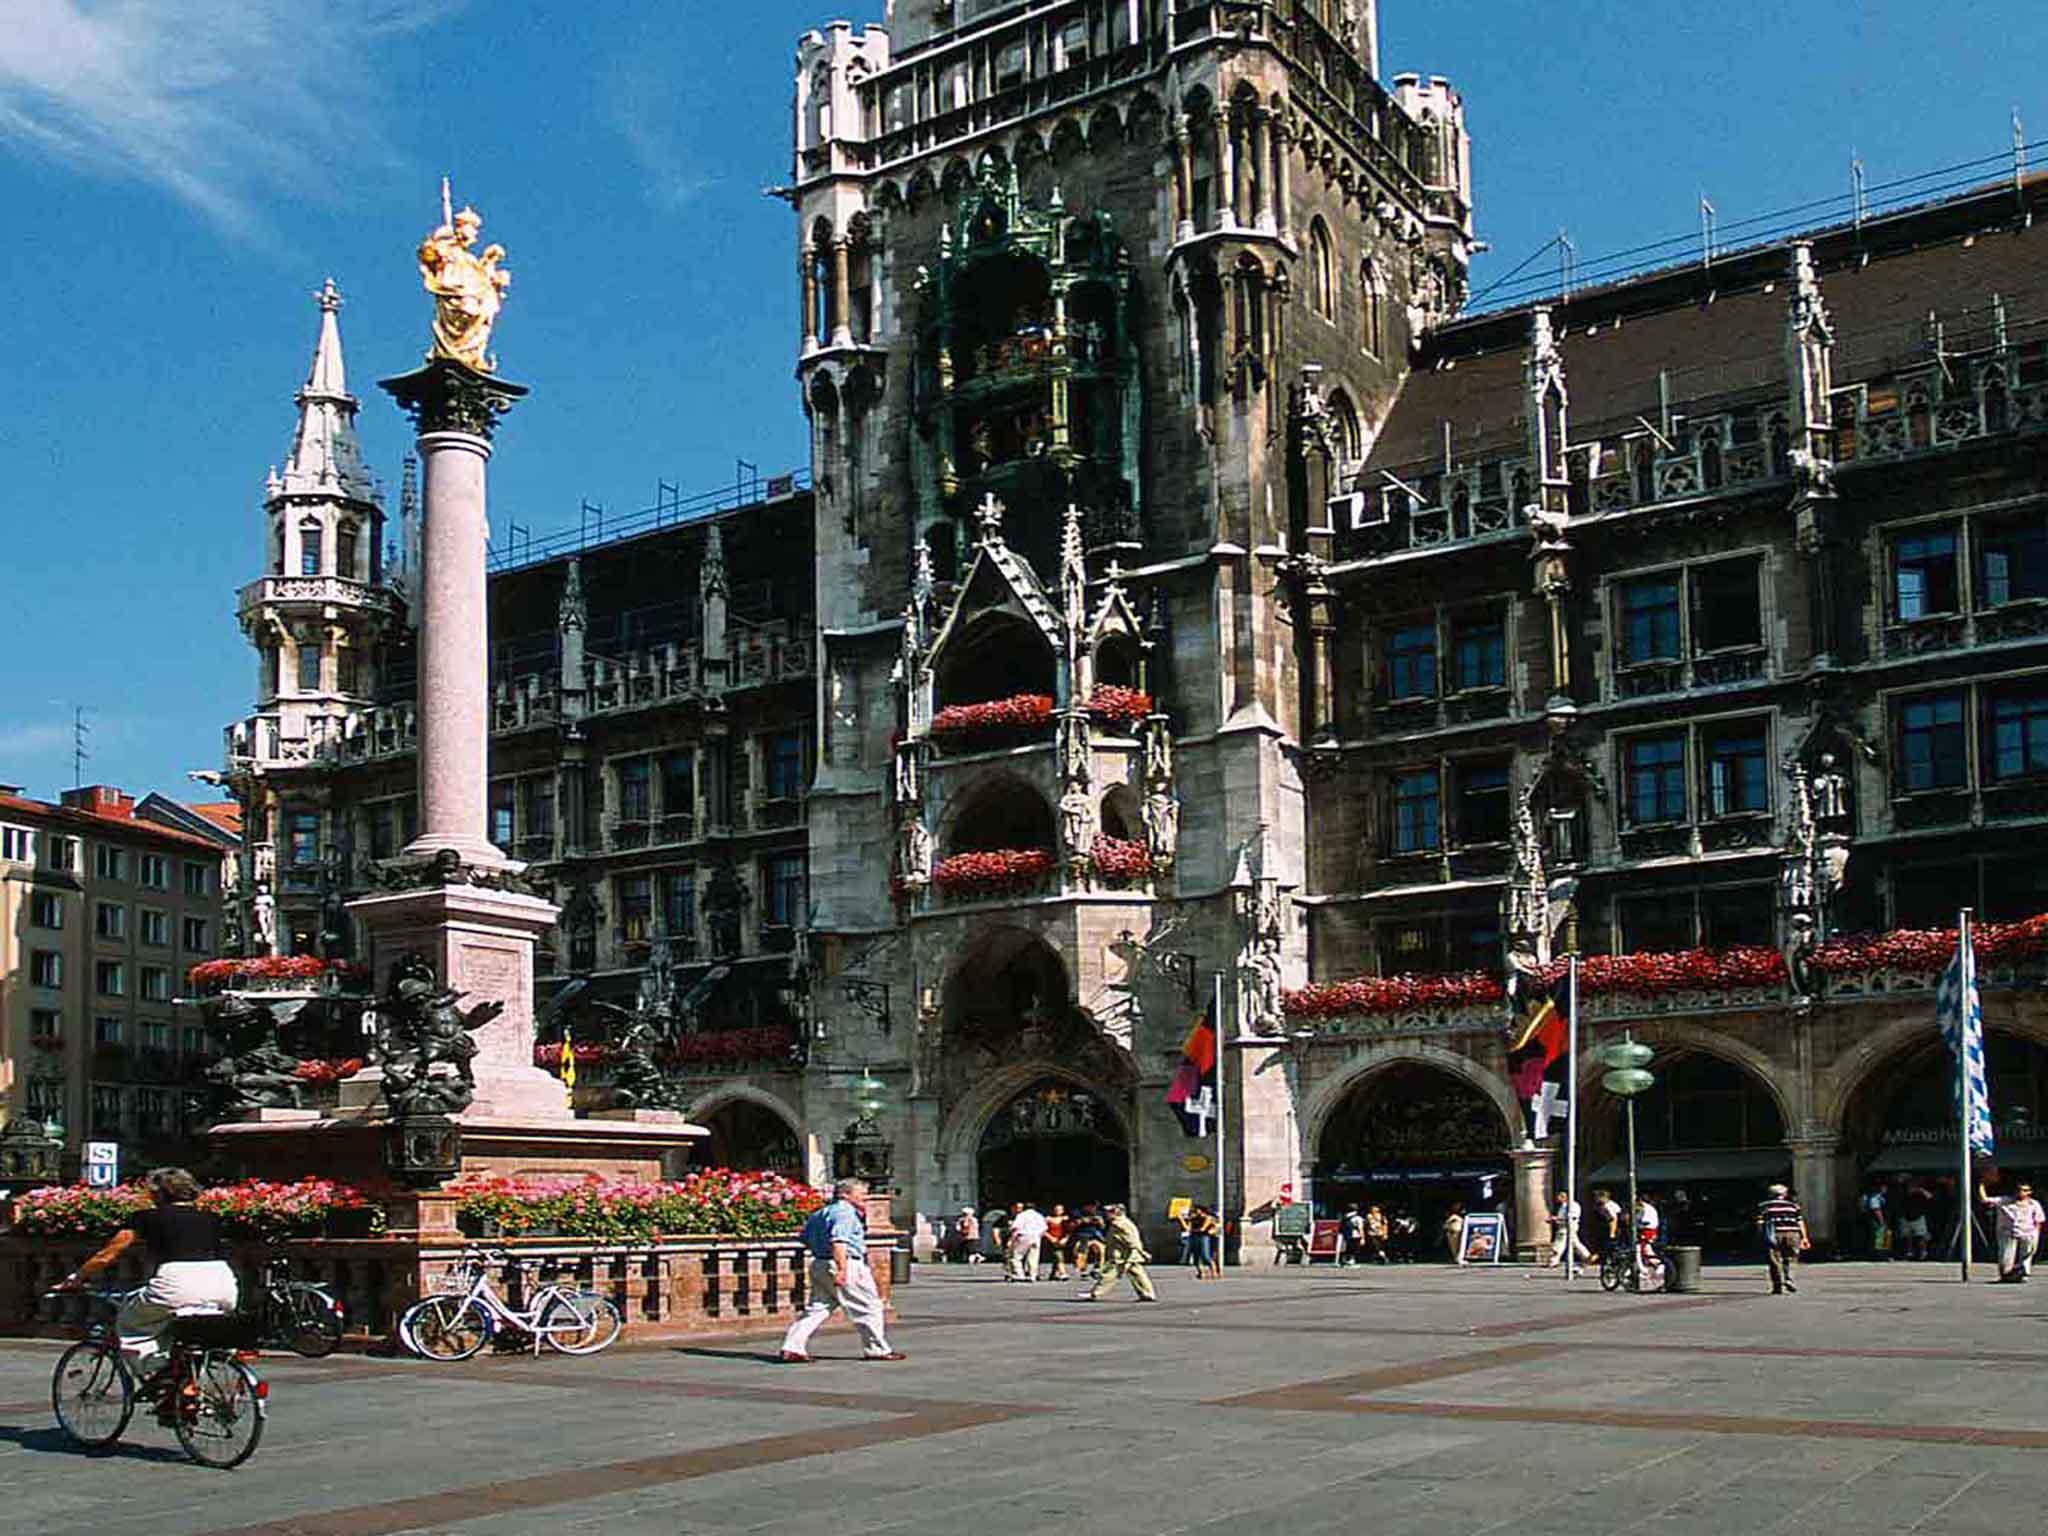 Mercure Hotel Munich Altstadt. Book now! Free Wifi!